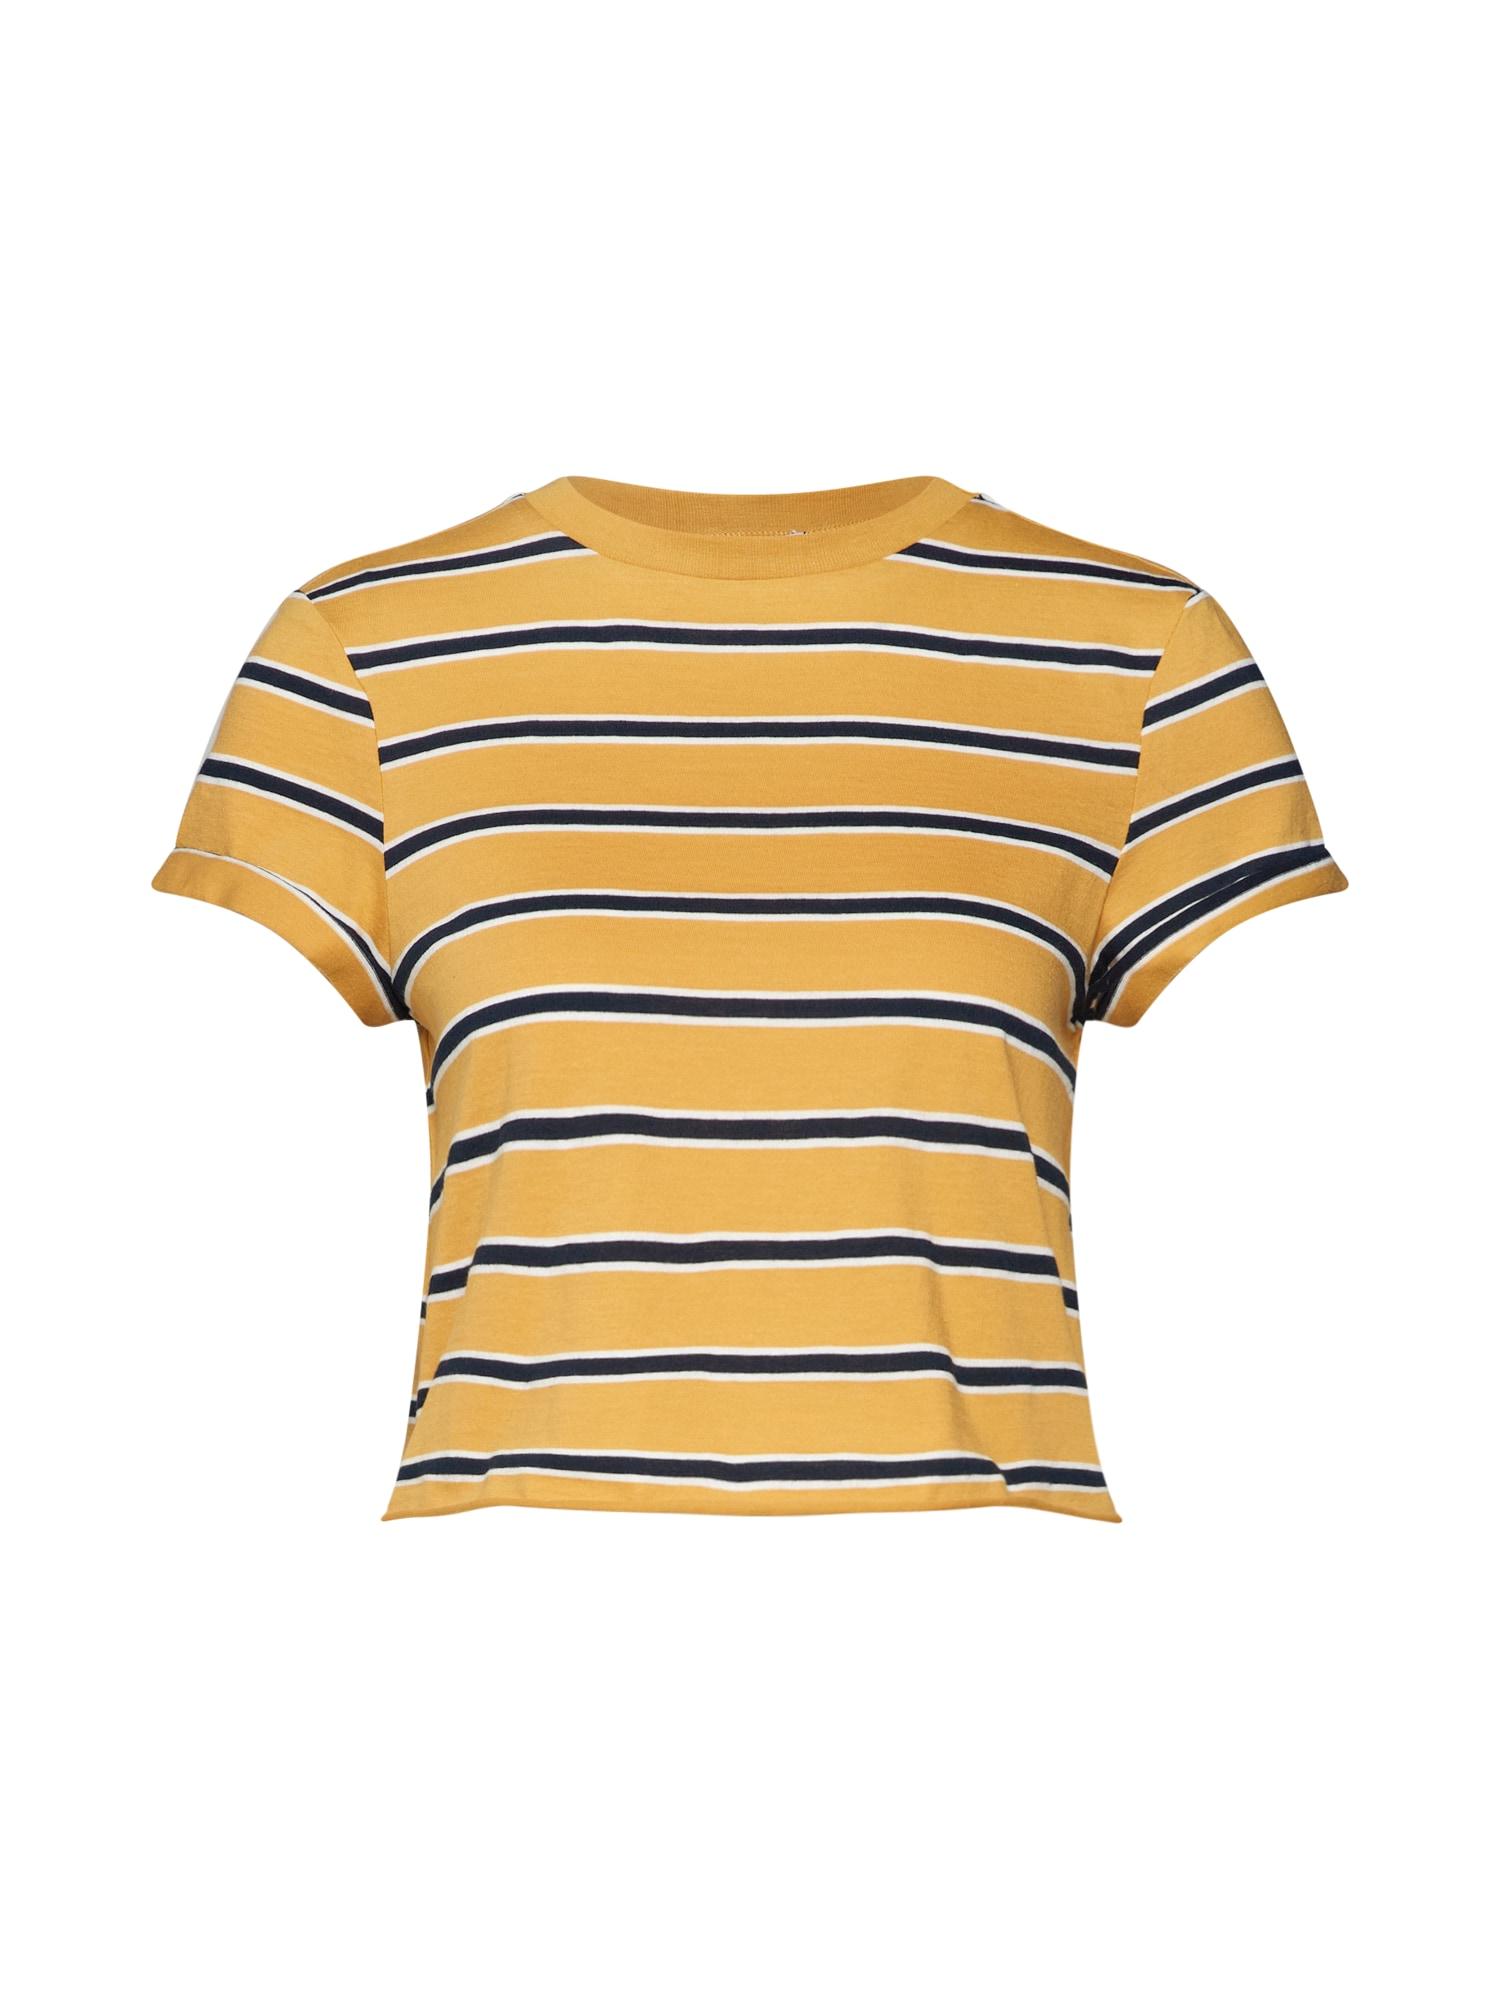 Tričko Alexis  námořnická modř  žlutá ABOUT YOU